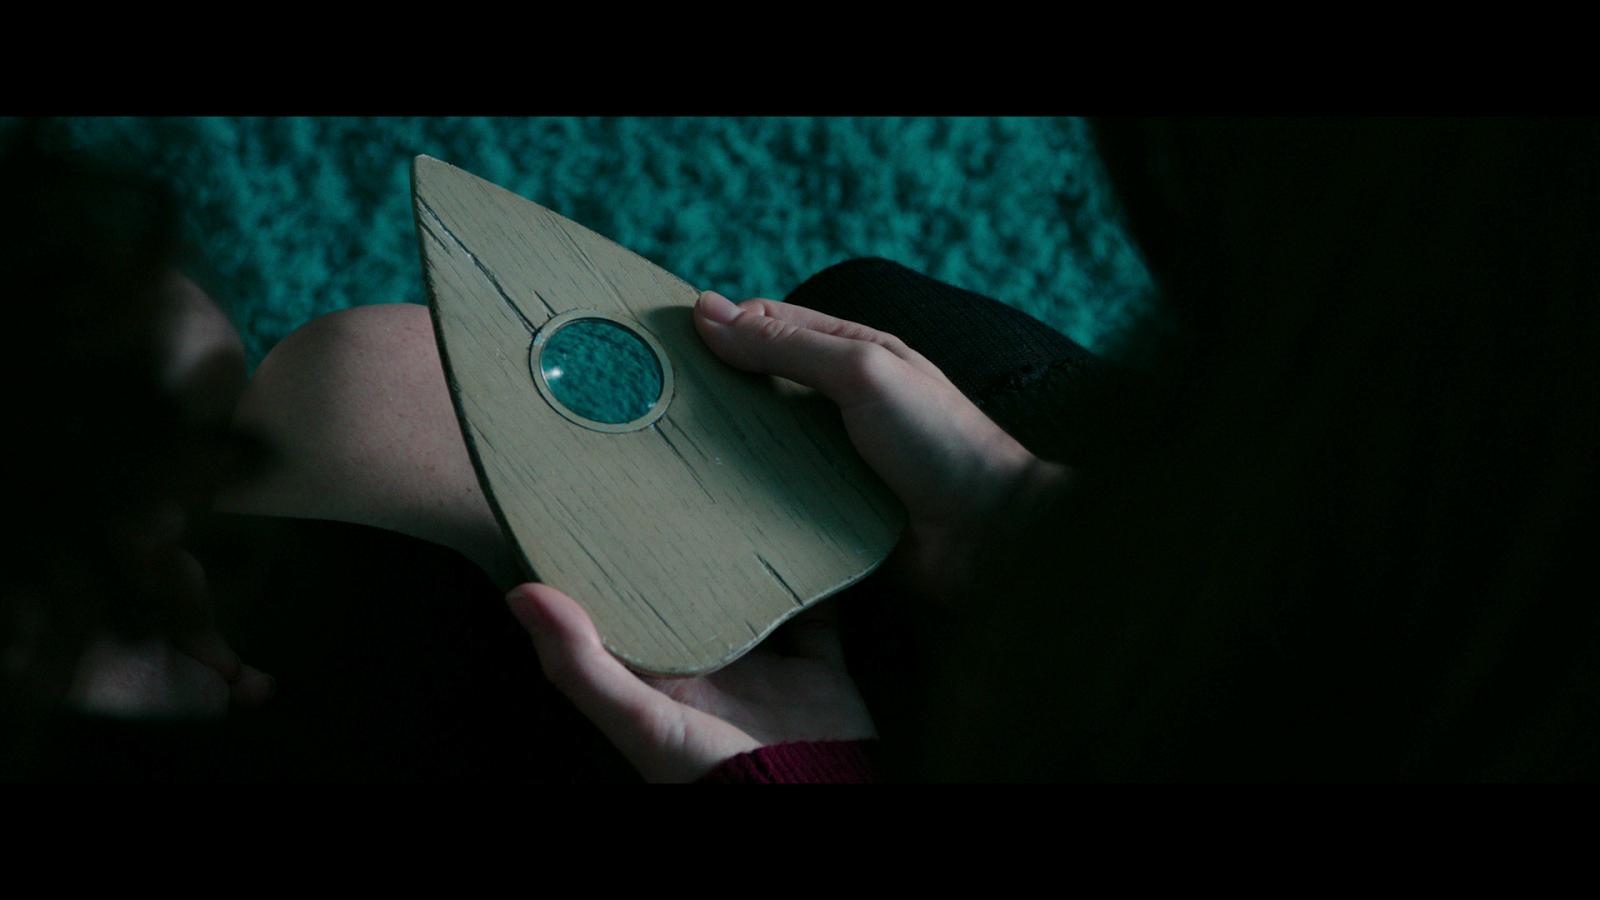 Ouija (2014) 1080p BD25 ESPAÑOL LATINO 6